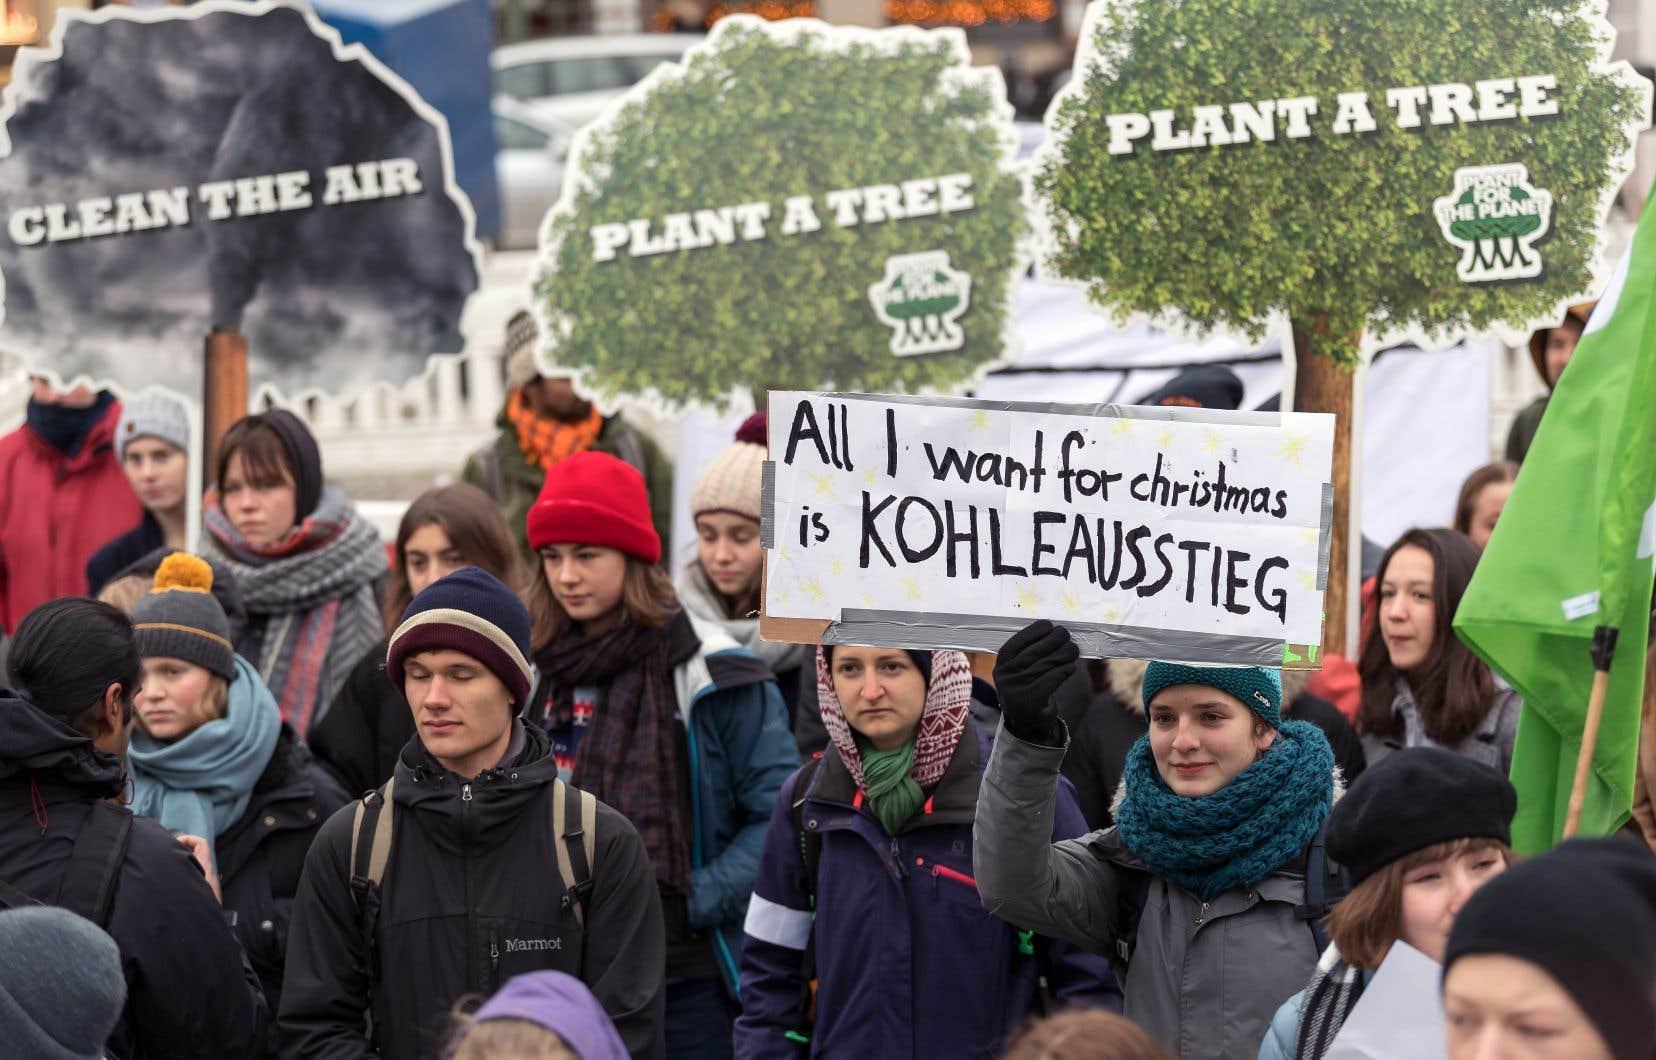 «Tout ce que je veux pour Noël, c'est l'élimination des combustibles fossiles», demande une jeune fille sur une affiche à Berlin, répondant à l'appel de l'adolescente suédoise Greta Thunberg, devenue célèbre pour son action hebdomadaire devant le parlement de Stockholm.